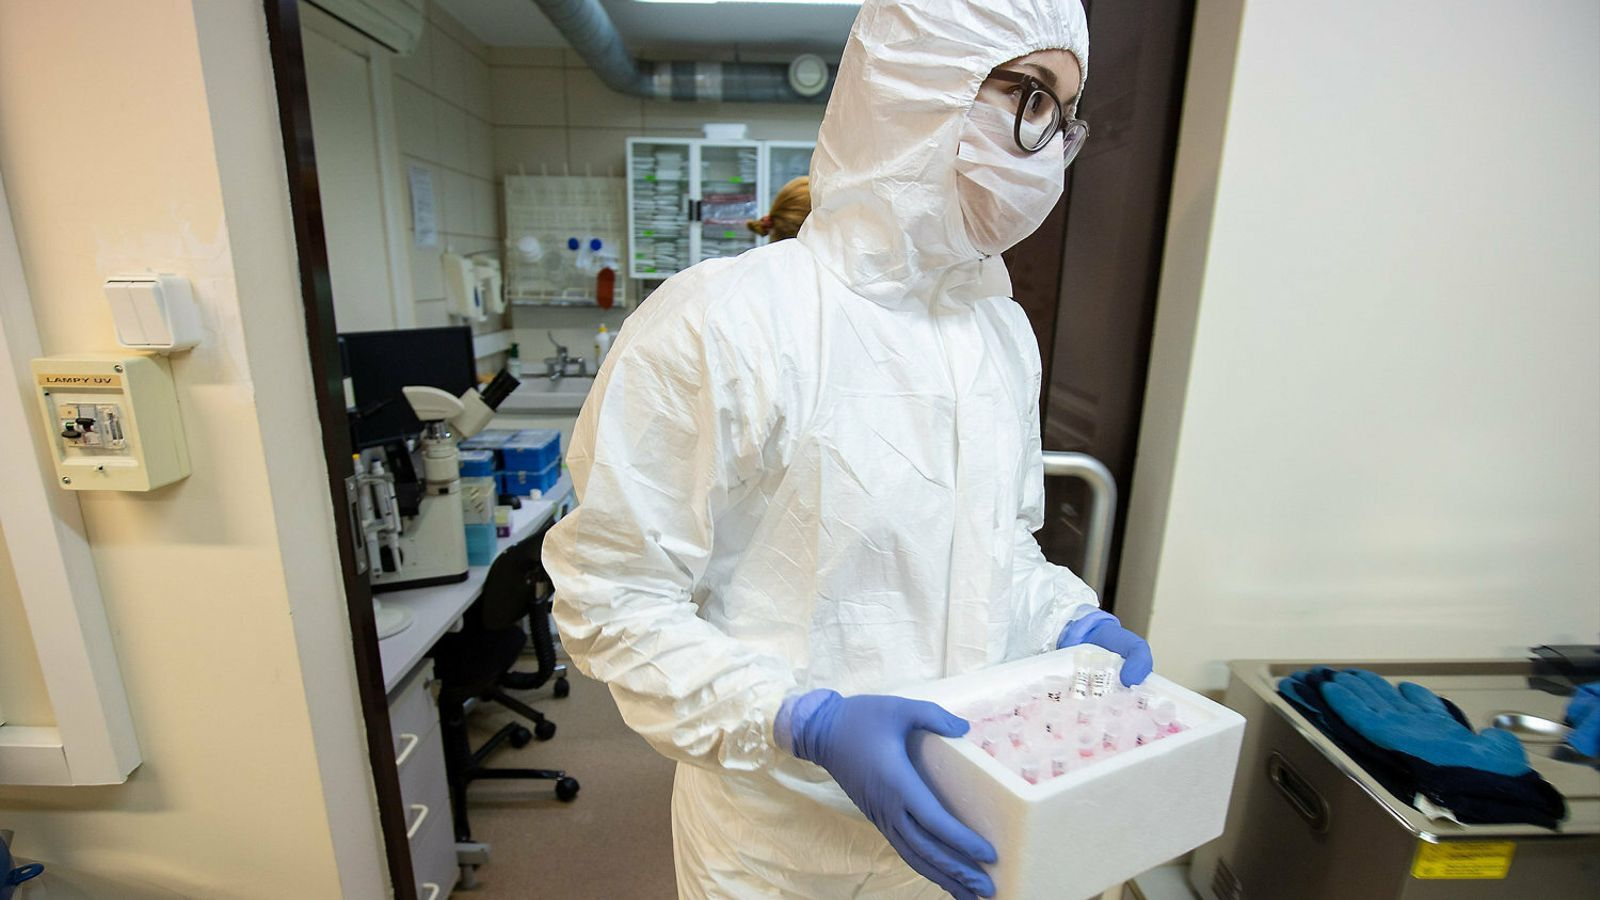 Els Estats Units acaparen la producció mundial de remdesivir, un fàrmac que pot ser útil contra el coronavirus